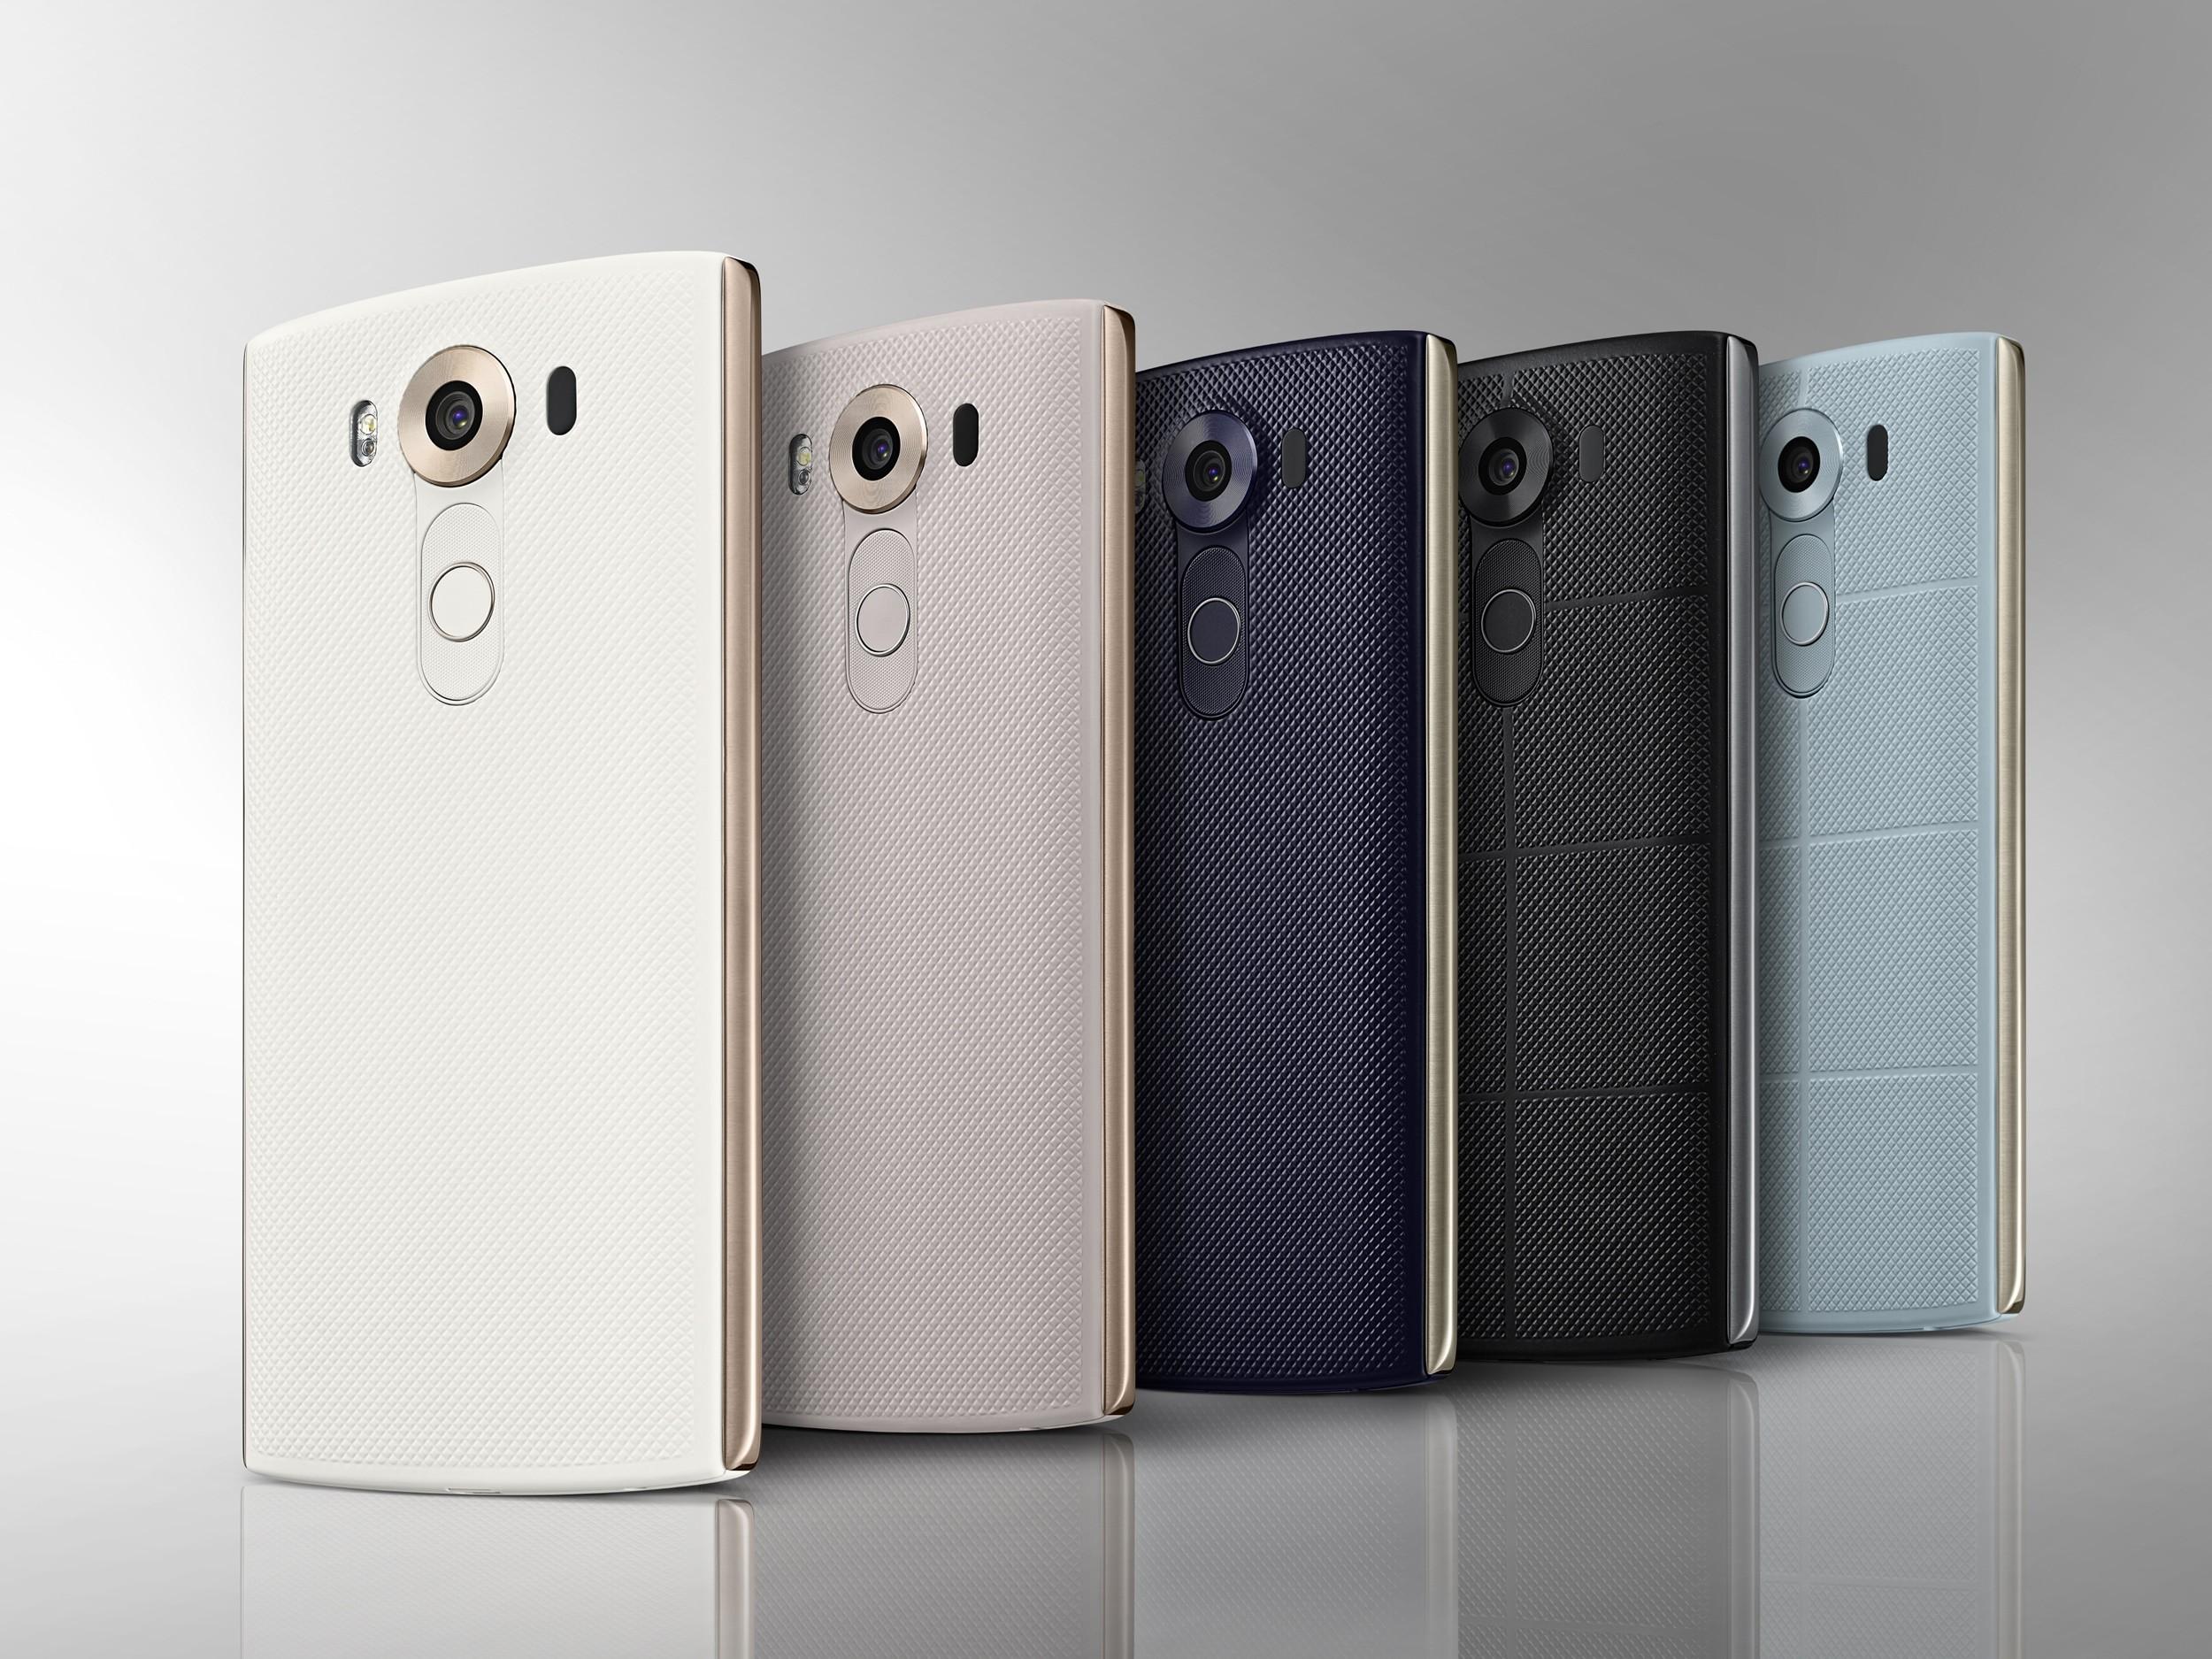 LG V10 kommer i fargene Space Black, Luxe White, Modern Beige, Ocean Blue and Opal Blue.